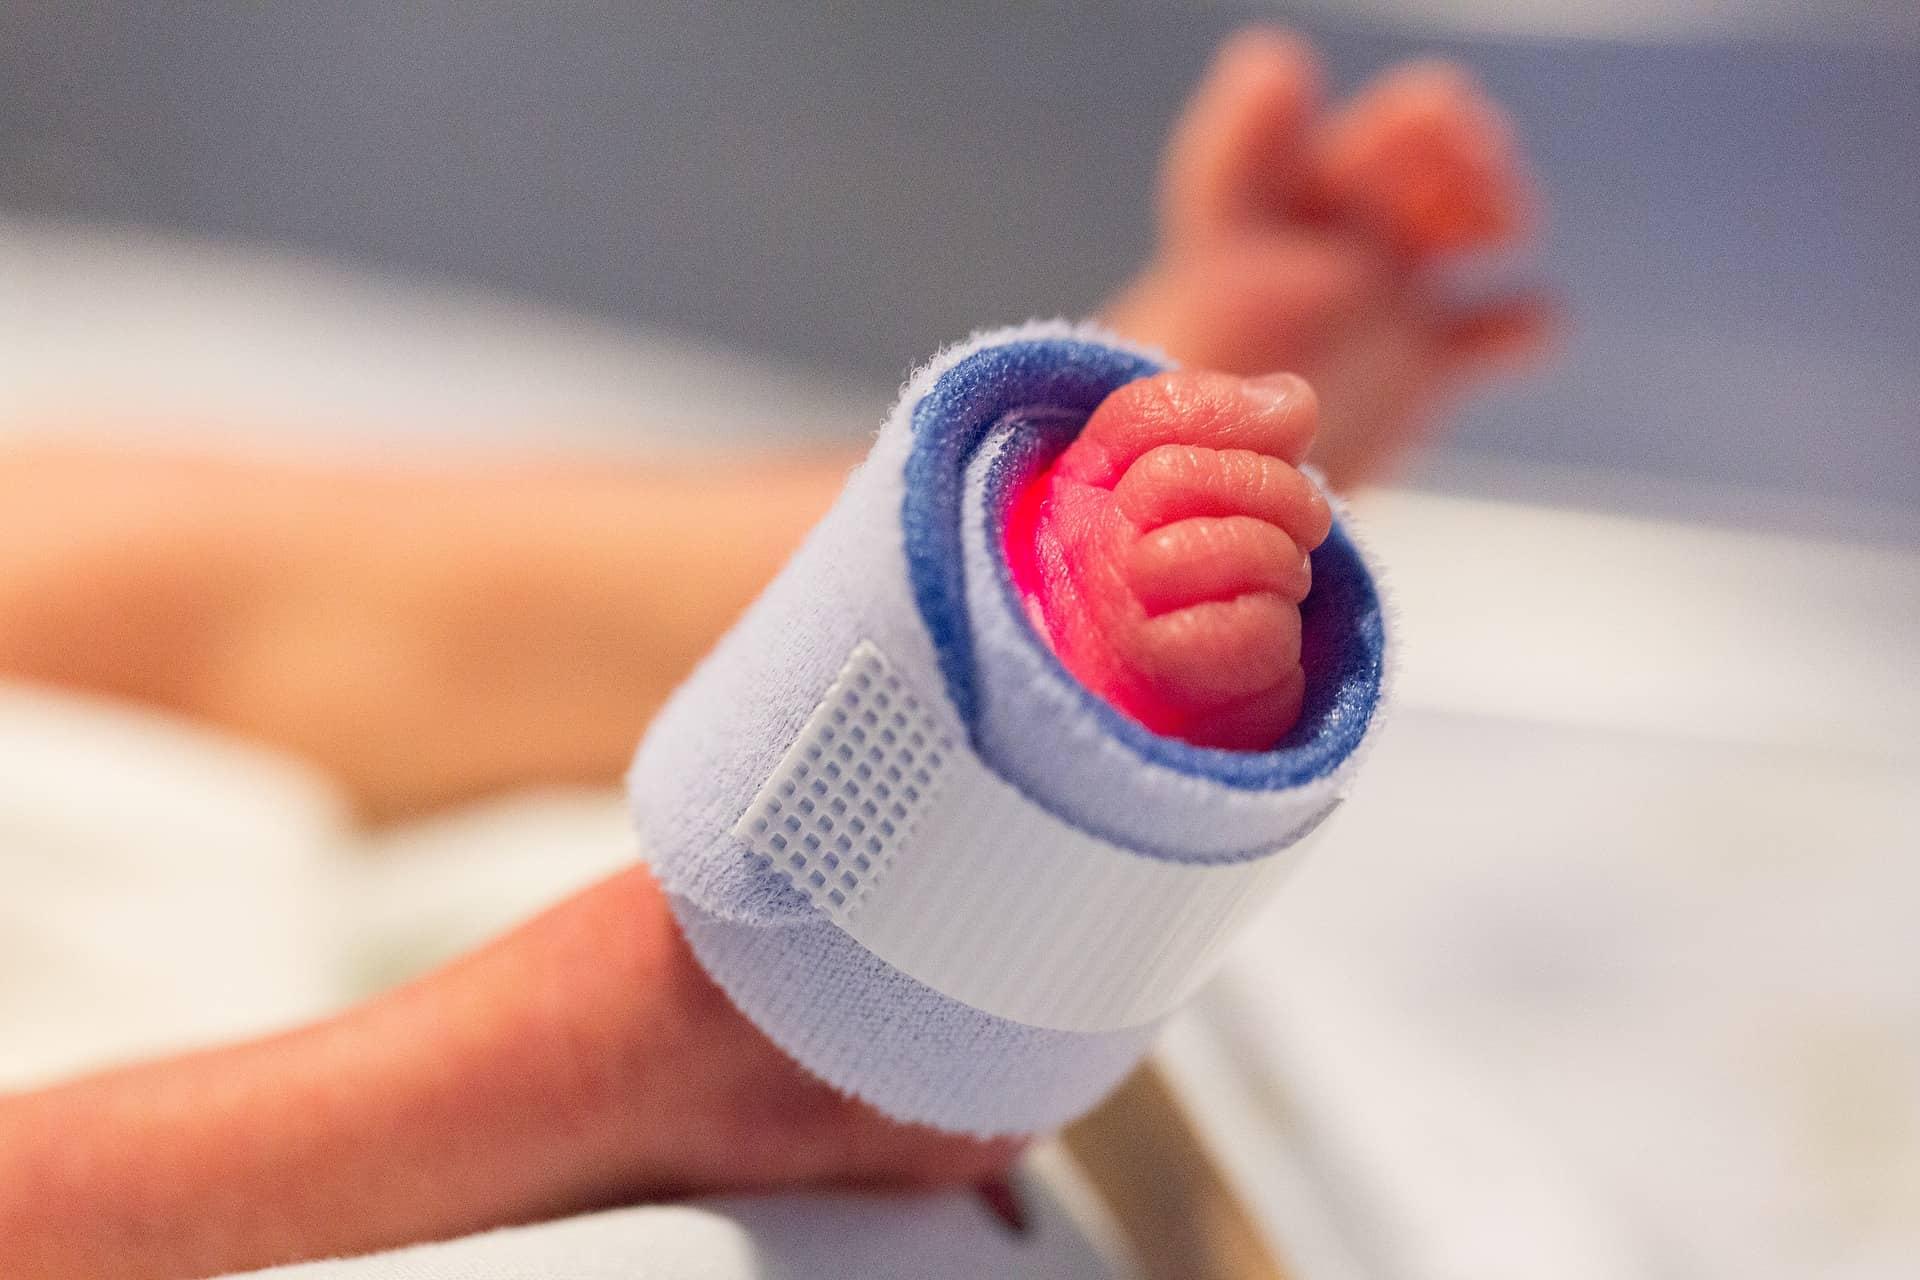 Prevremeno rođeno dete